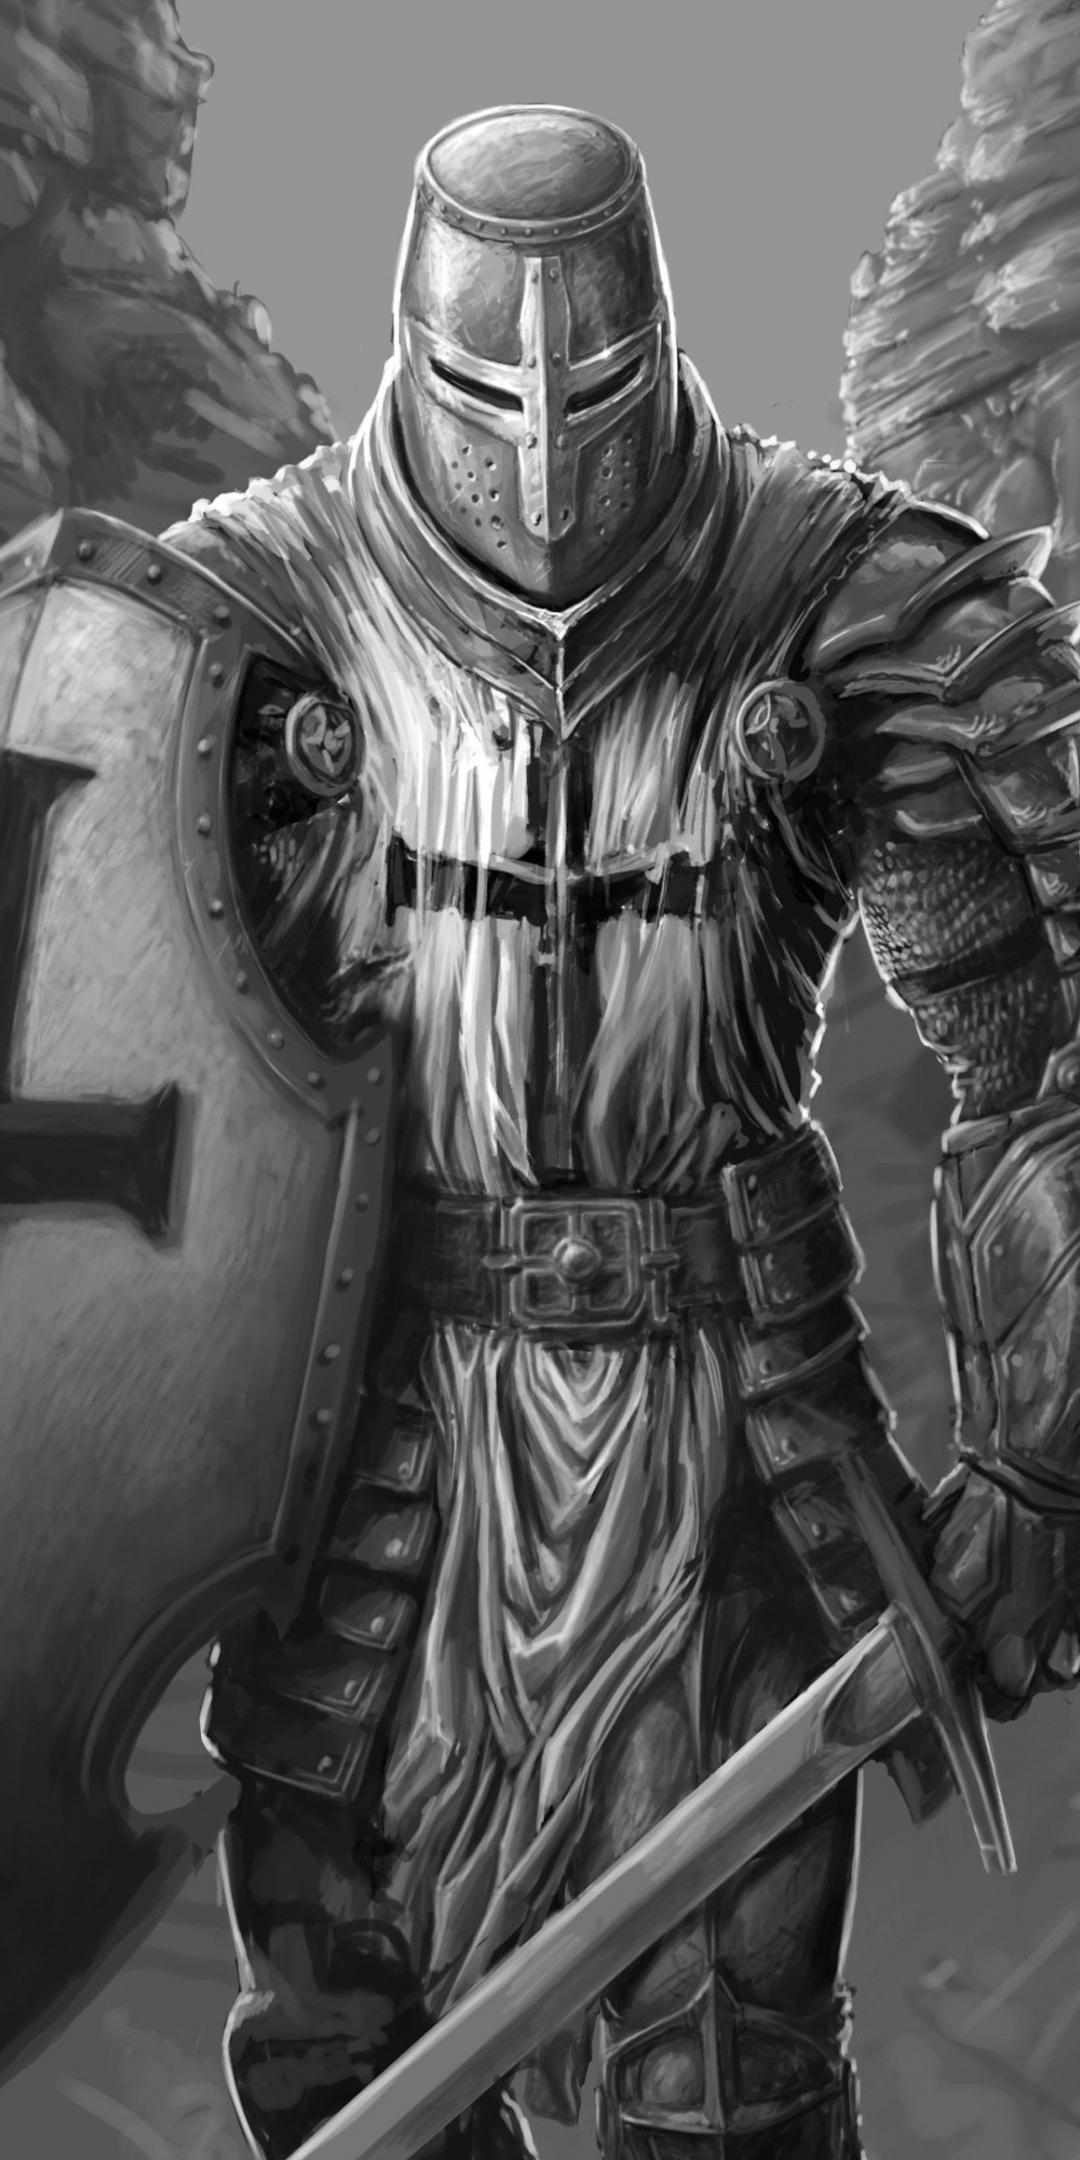 Caçadores The-knight-warrior-art